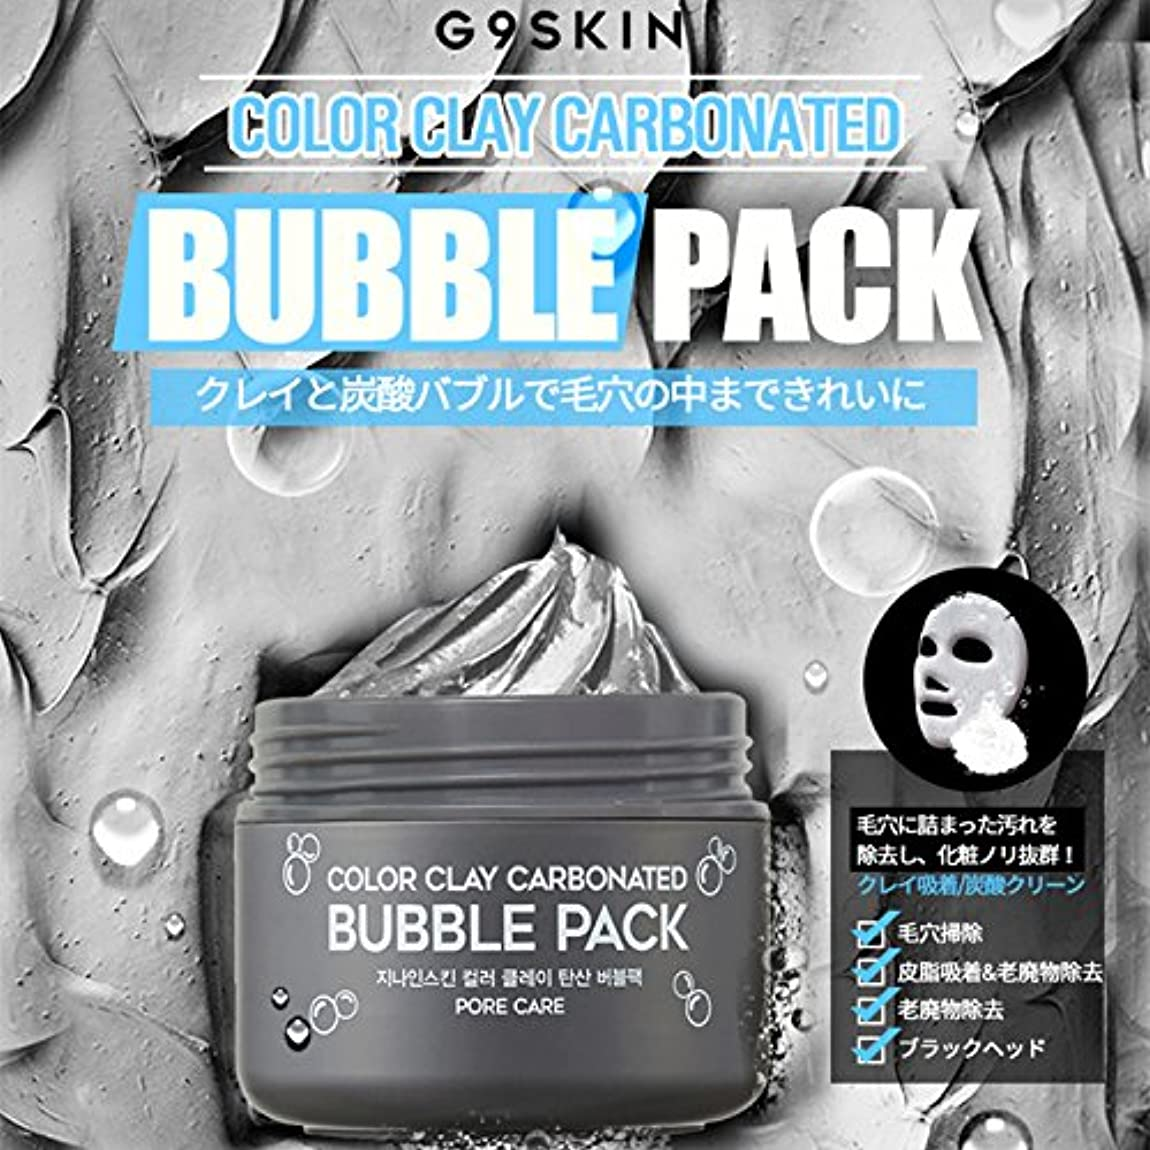 アルファベット順ペンダントケージ[G9SKIN/G9スキン] Color Clay Carbonated Bubble Pack / カラークレイ炭酸バブルパック | 100ml 炭酸 バブル 韓国コスメ Skingarden/スキンガーデン